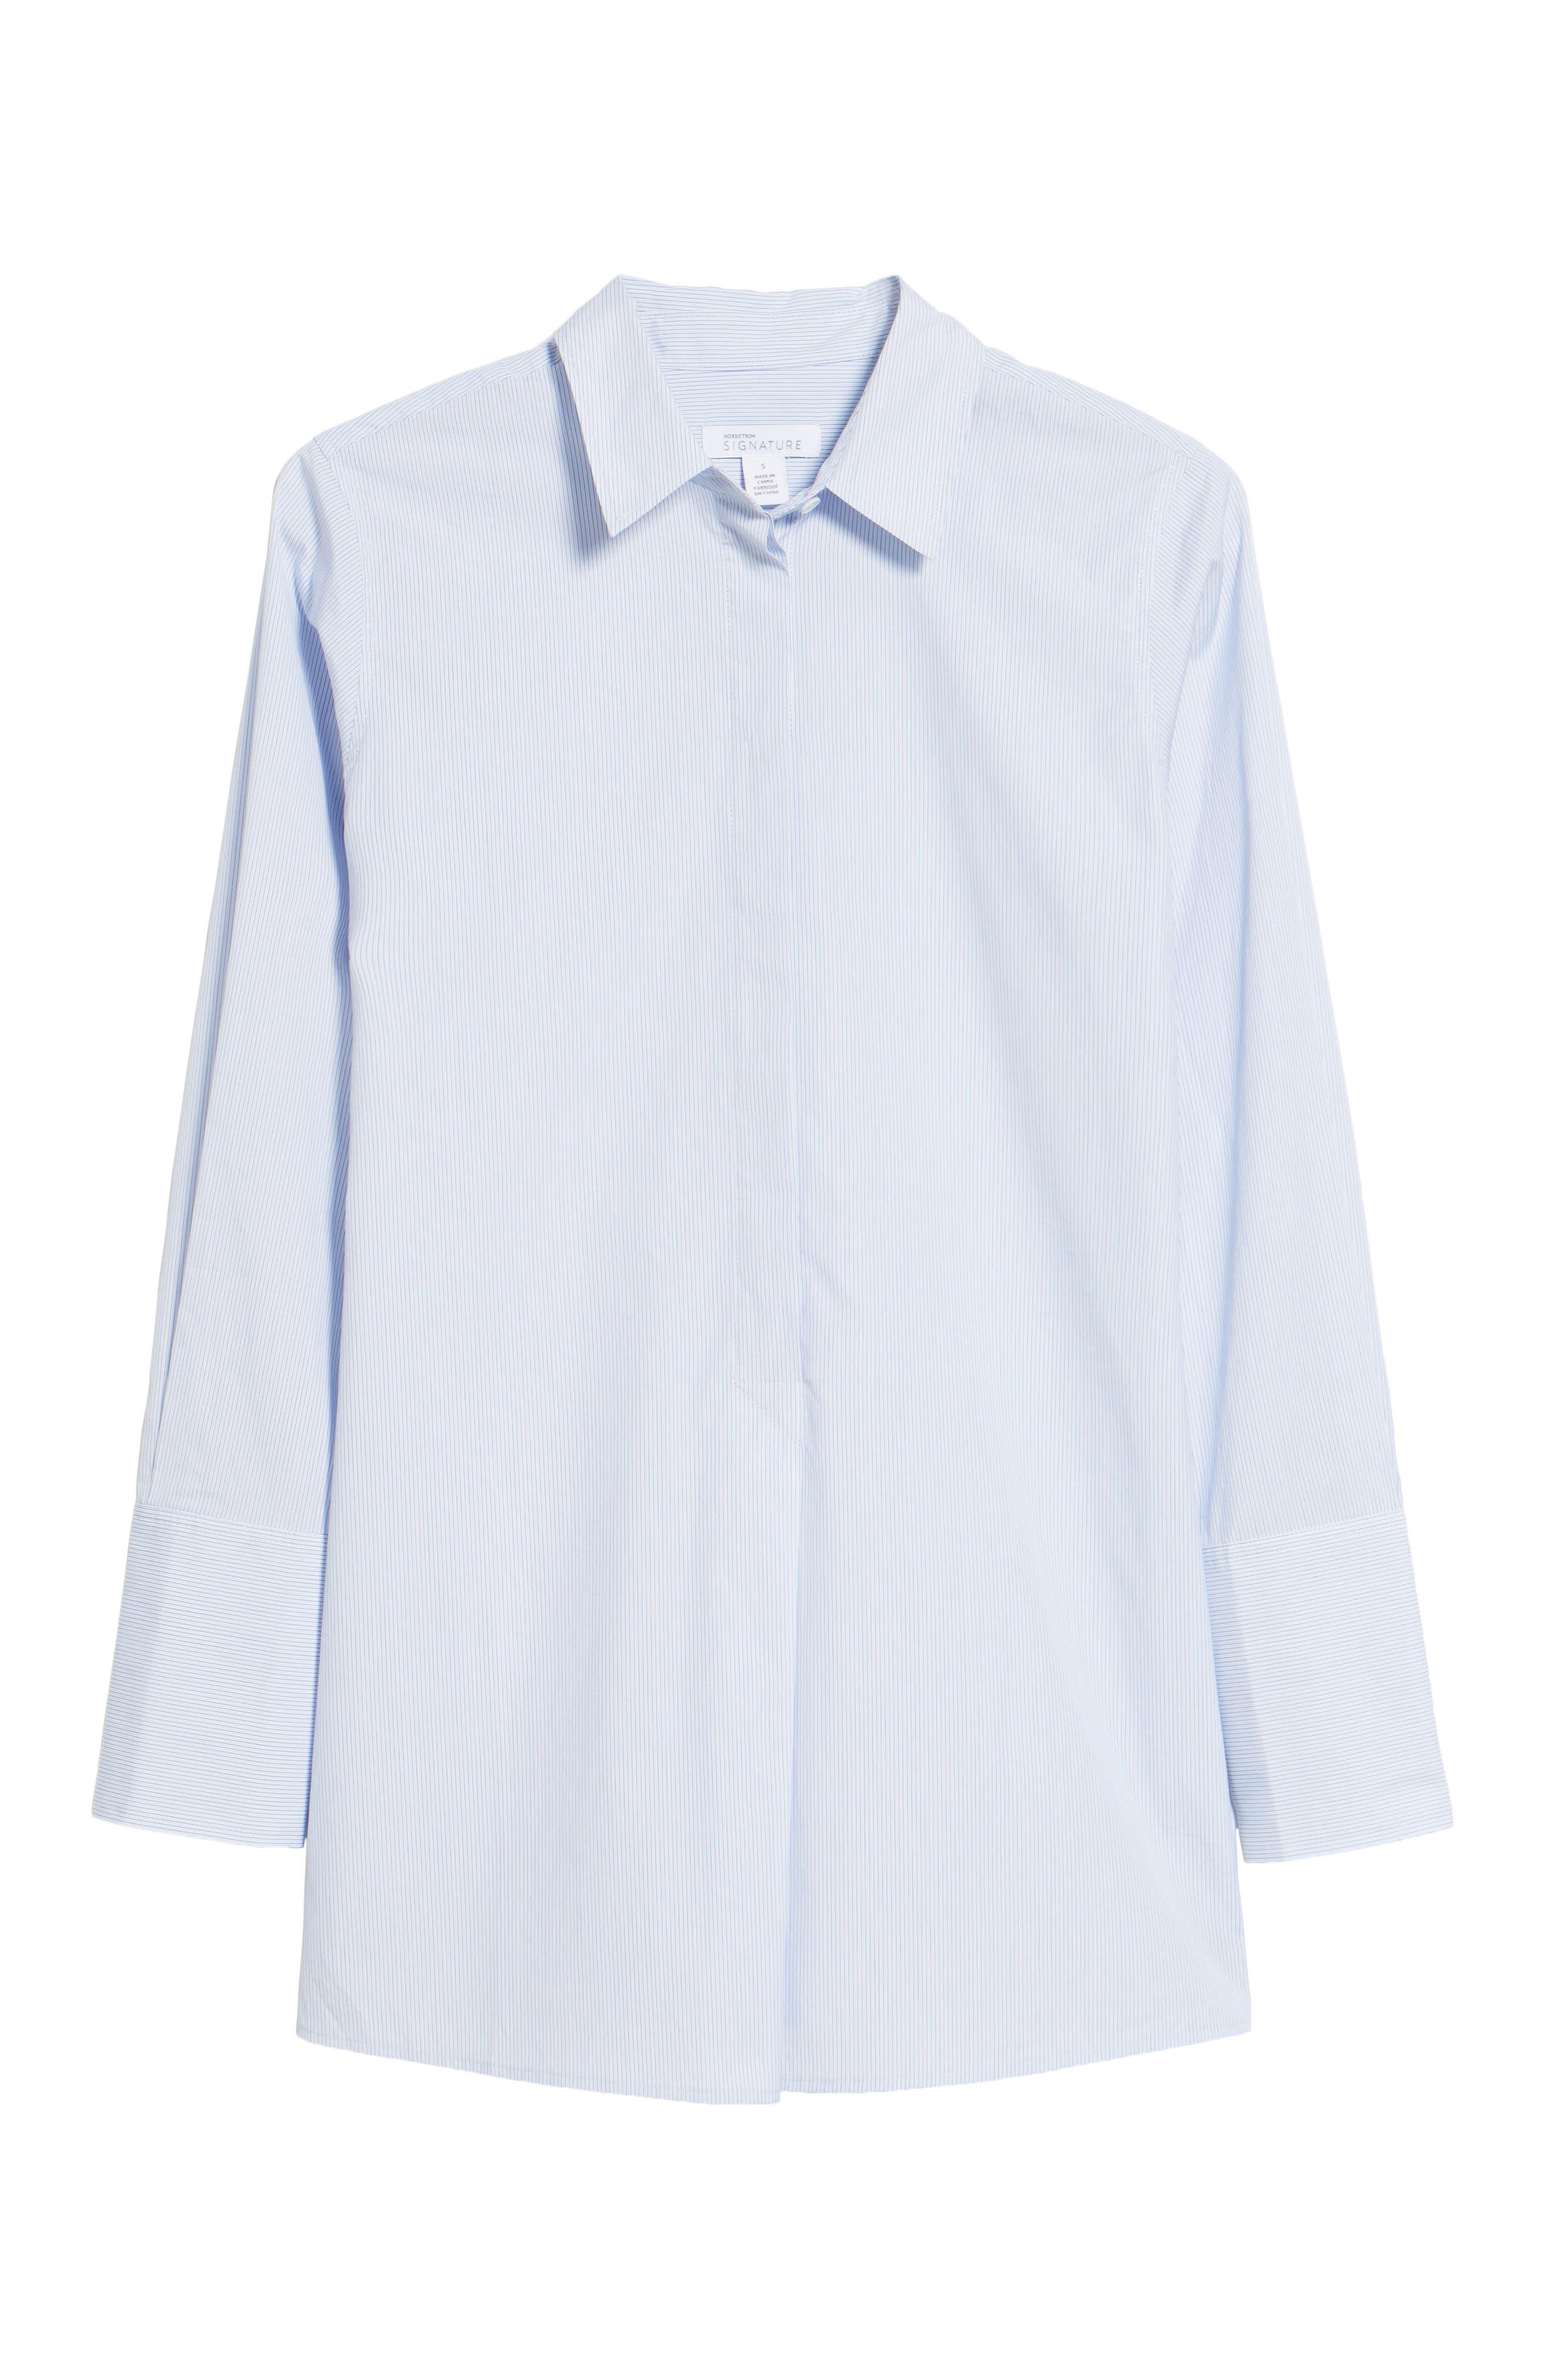 Popover Poplin Shirt,                             Alternate thumbnail 6, color,                             Blue- White Stripe